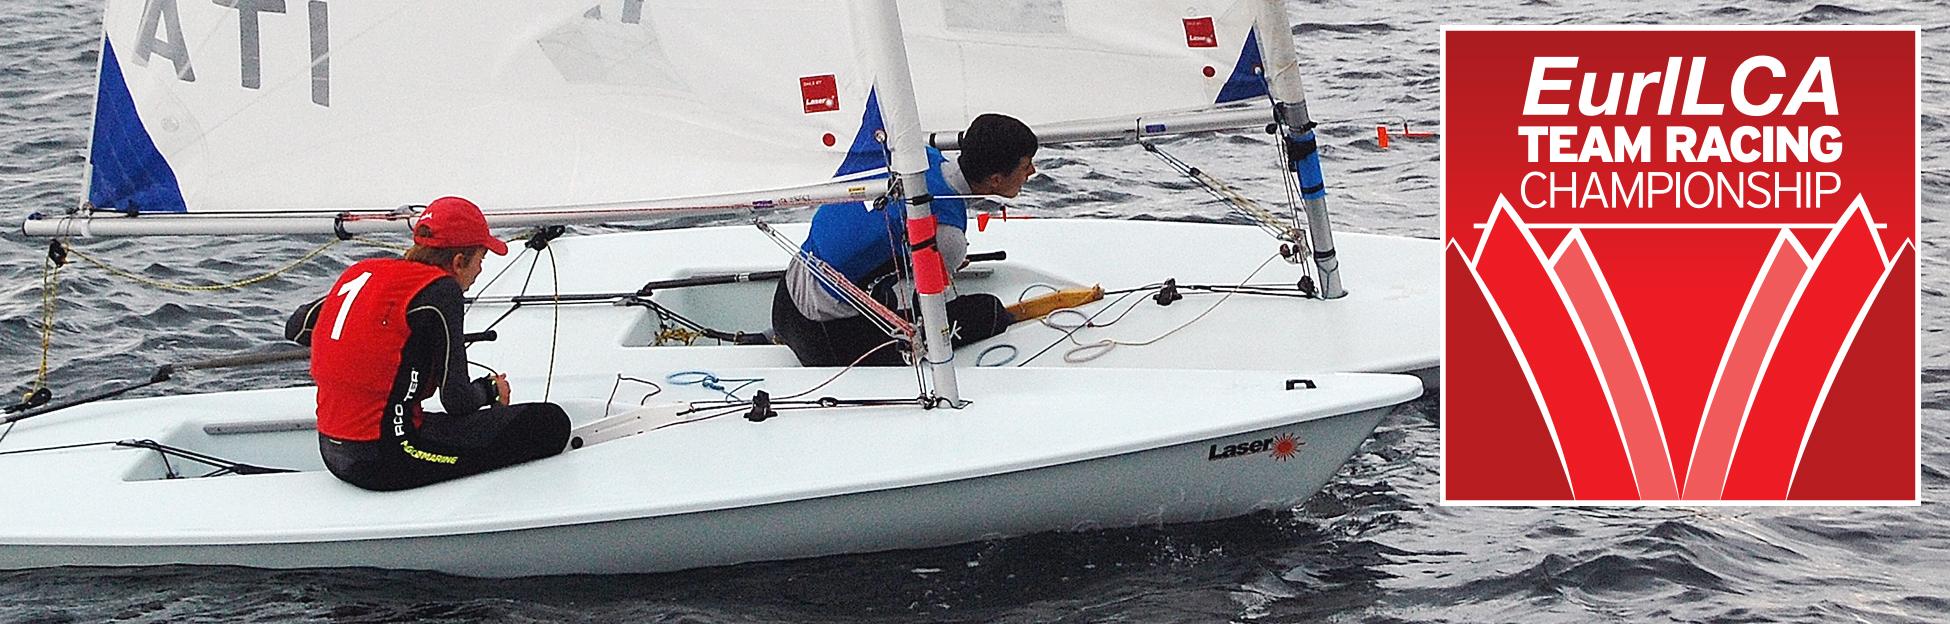 eurilca team racing